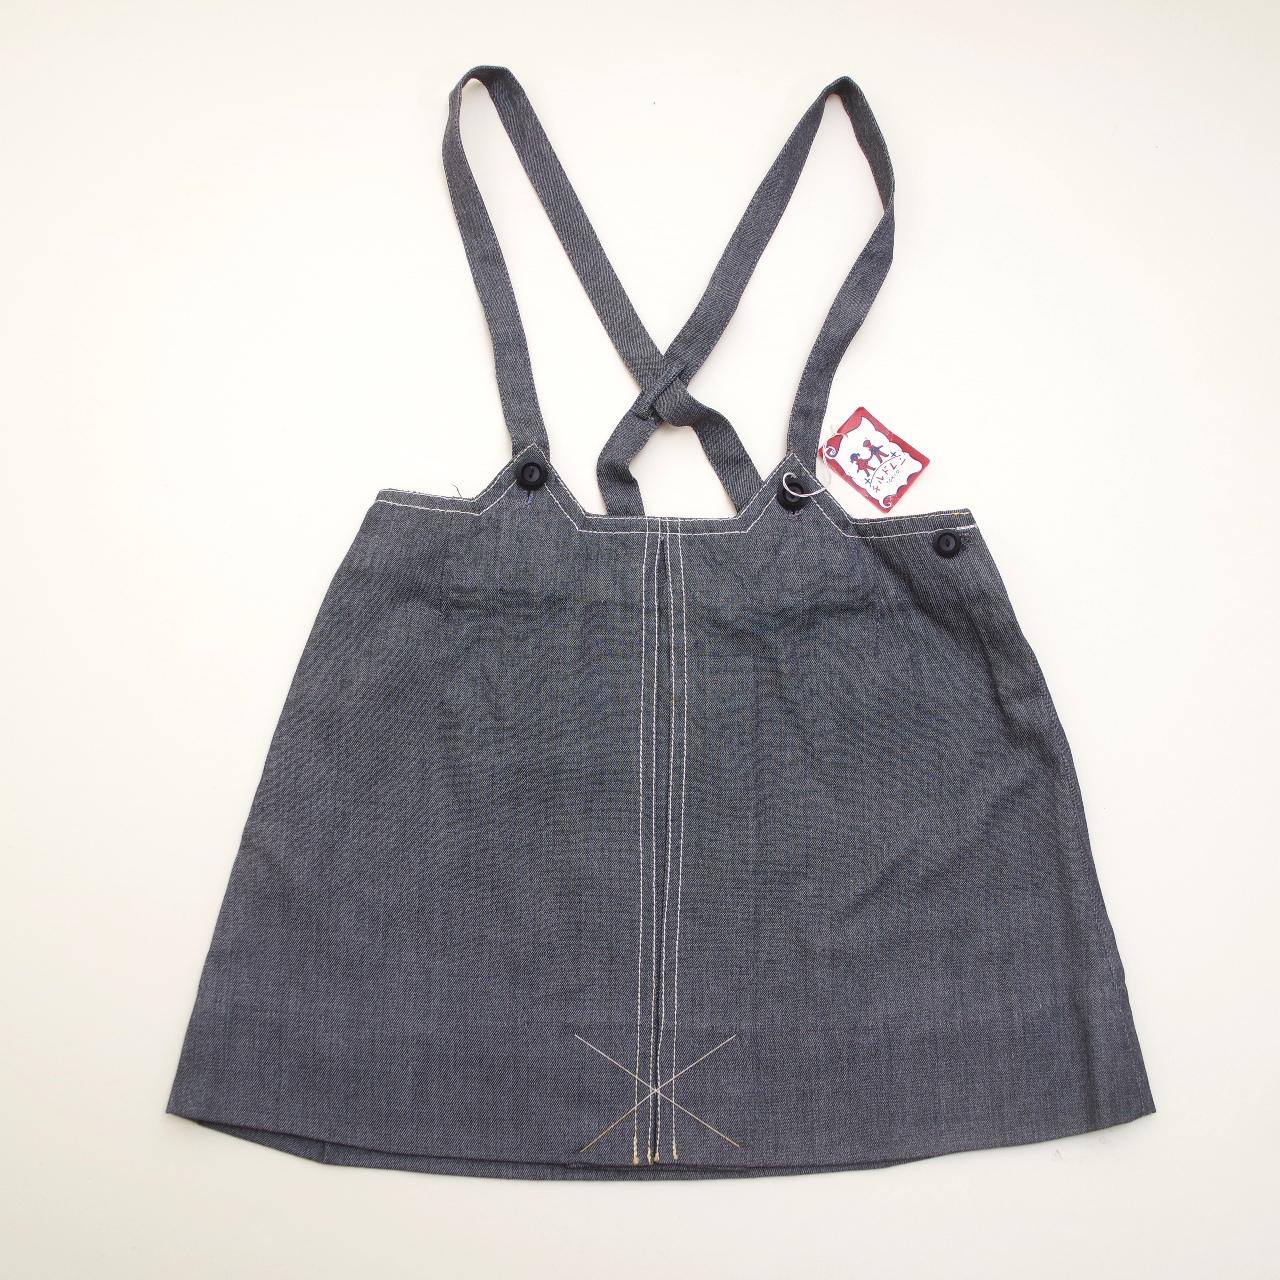 レトロ チルドレンのジャンパースカート 5-6才 (1805-0908)